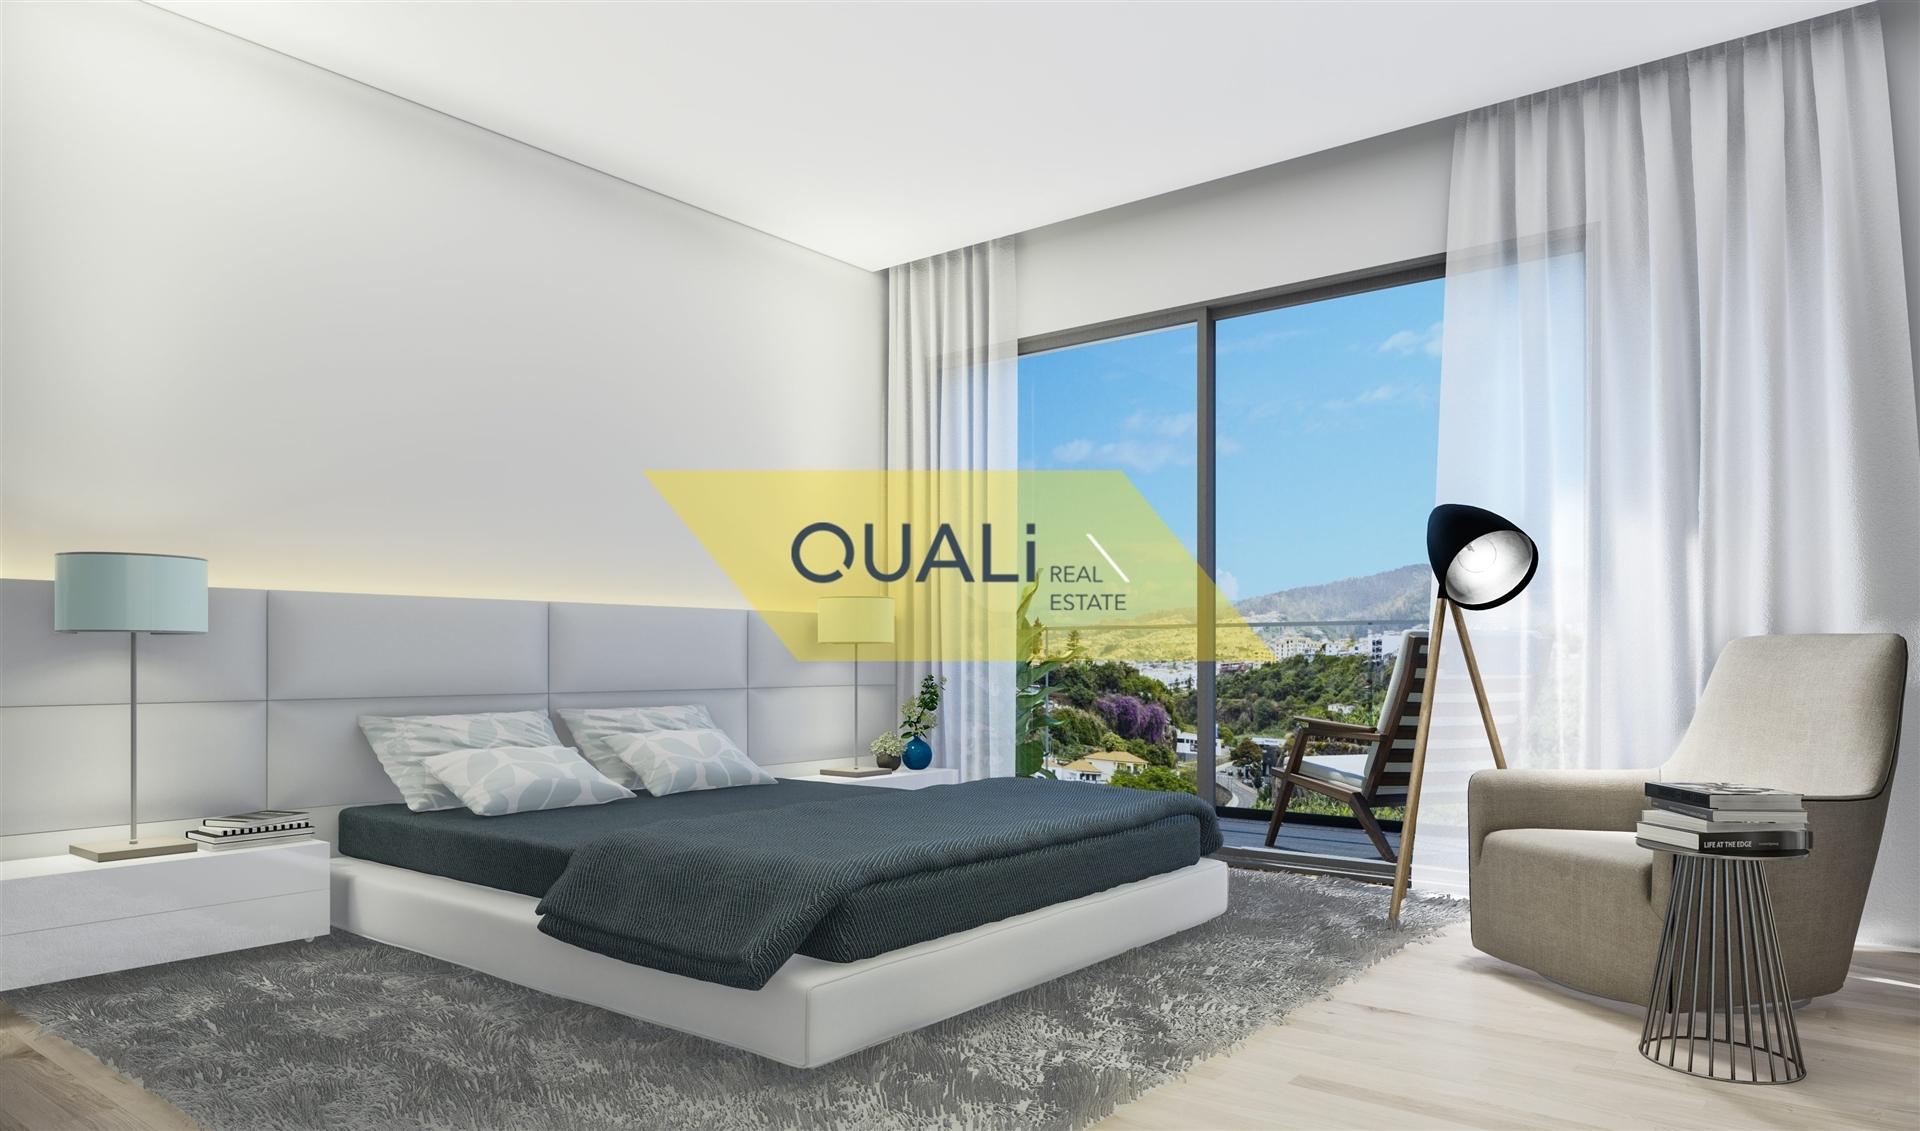 Appartamento con 4 camere da letto in vendita a São João, Funchal - Isola di Madeira - € 750.000,00